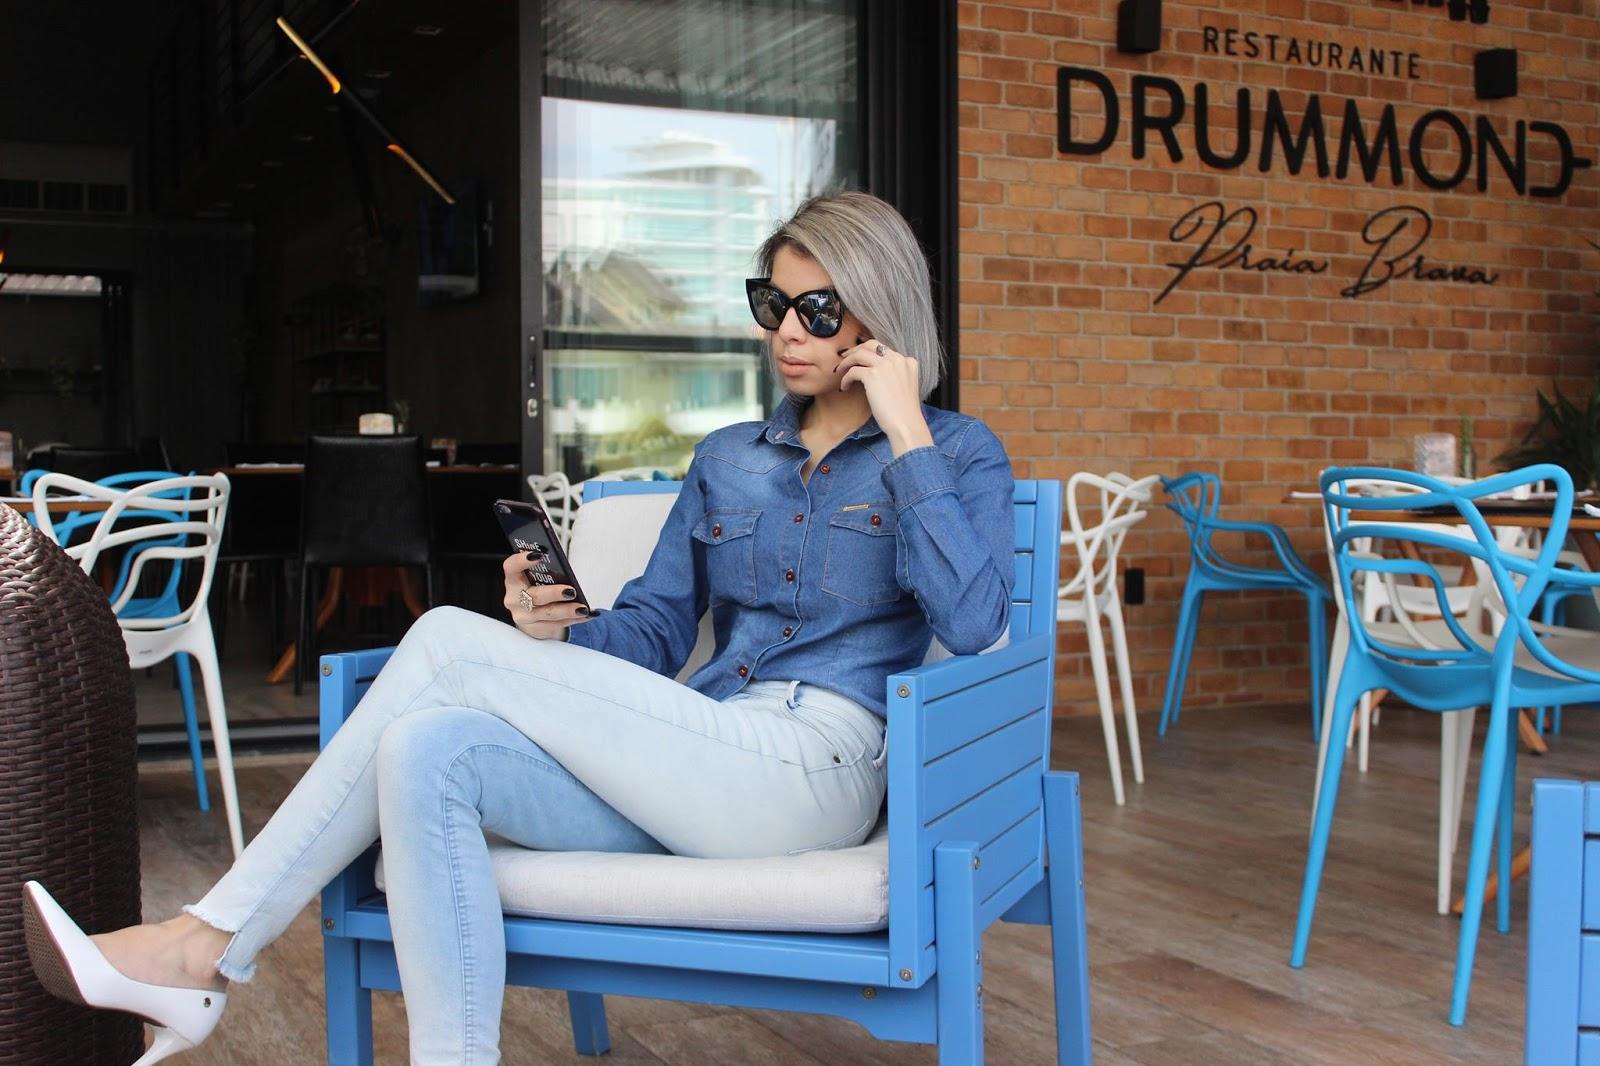 restaurante drummond